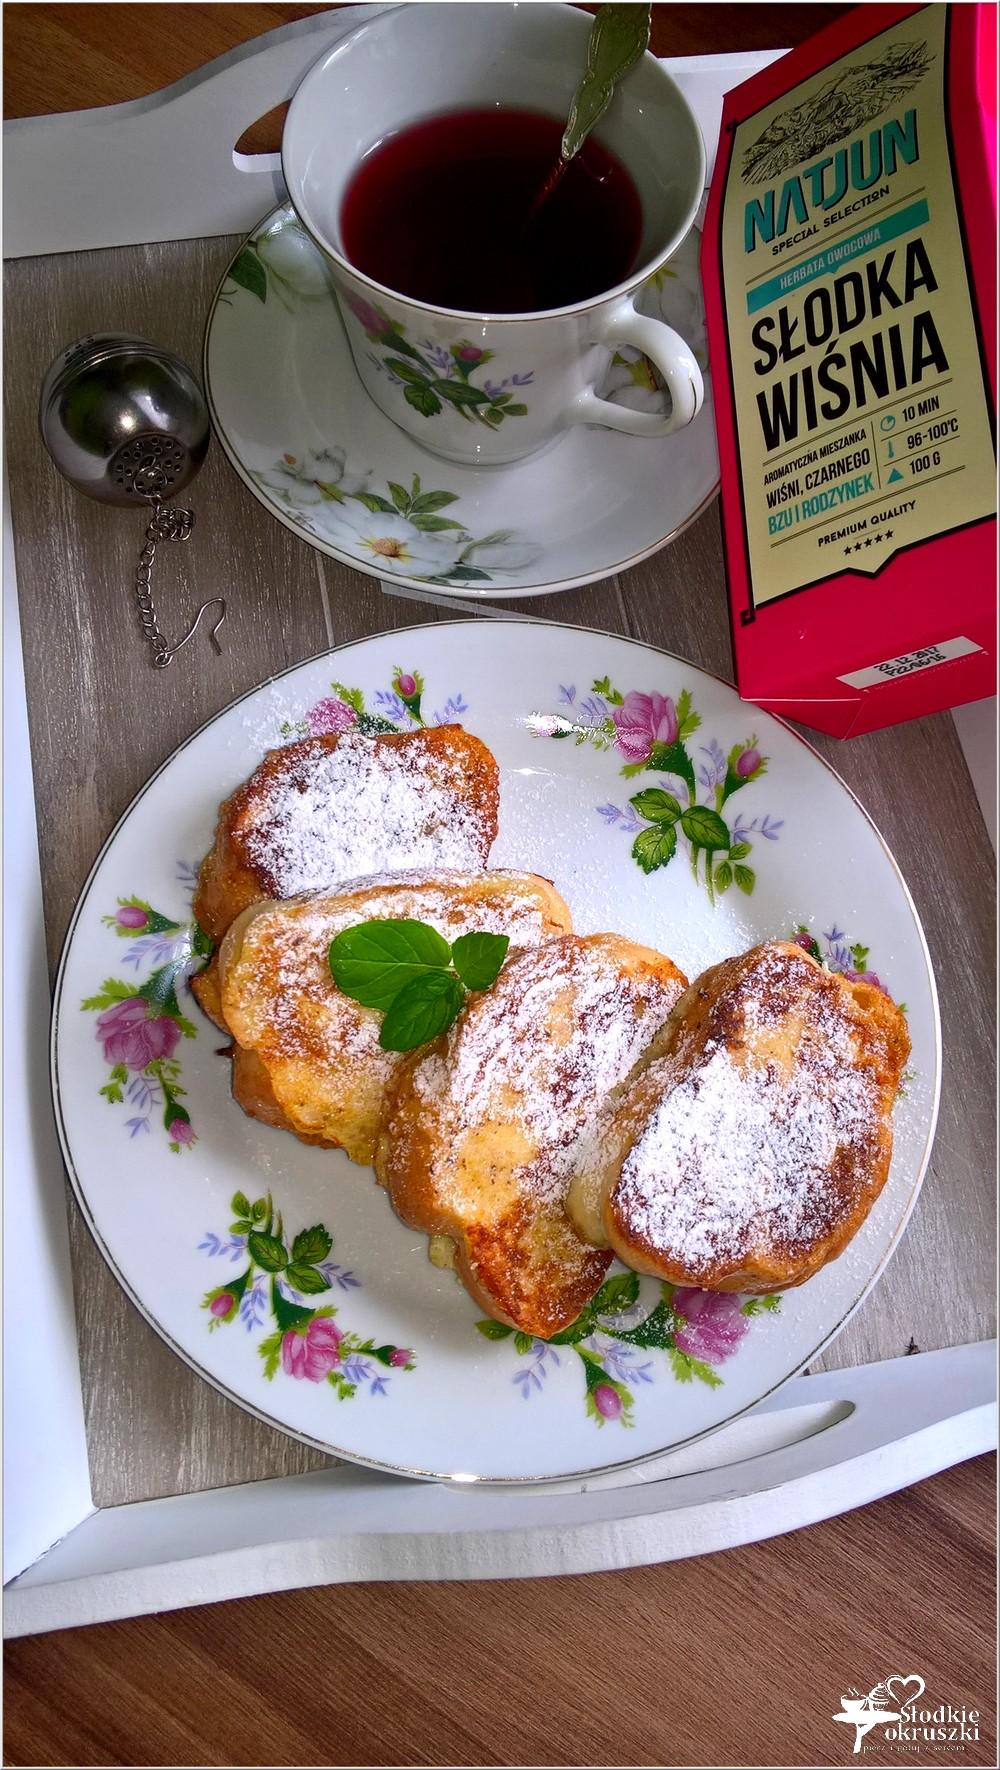 Cynamonowa chałka po francusku i łyk słodkiej wiśni (1)